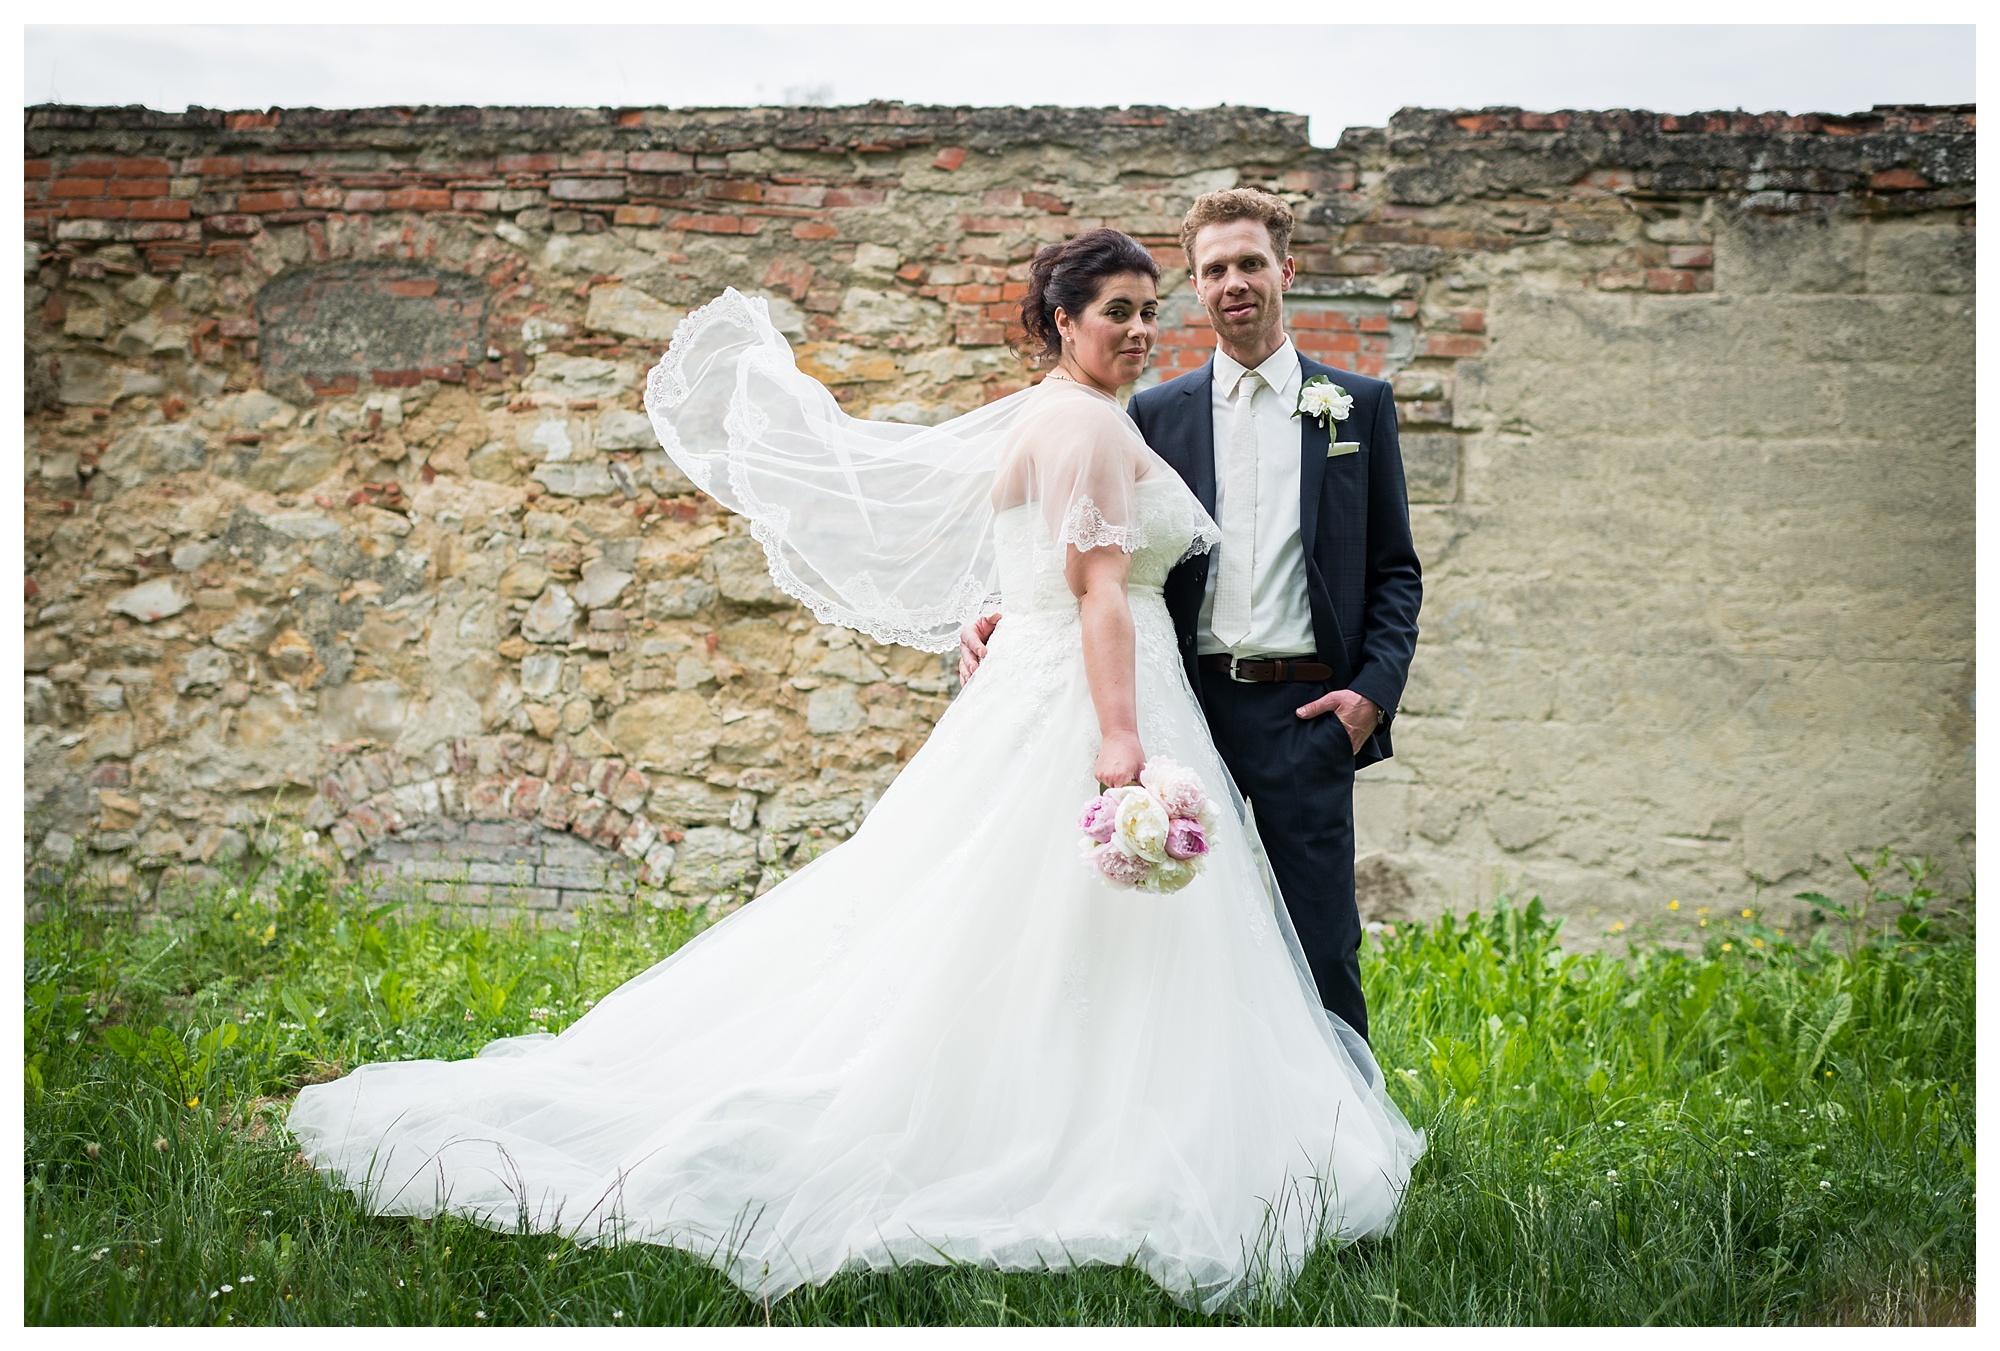 Fotograf Konstanz - Hochzeit Tanja Elmar Elmar Feuerbacher Photography Konstanz Messkirch Highlights 066 - Hochzeitsreportage von Tanja und Elmar im Schloss Meßkirch  - 64 -